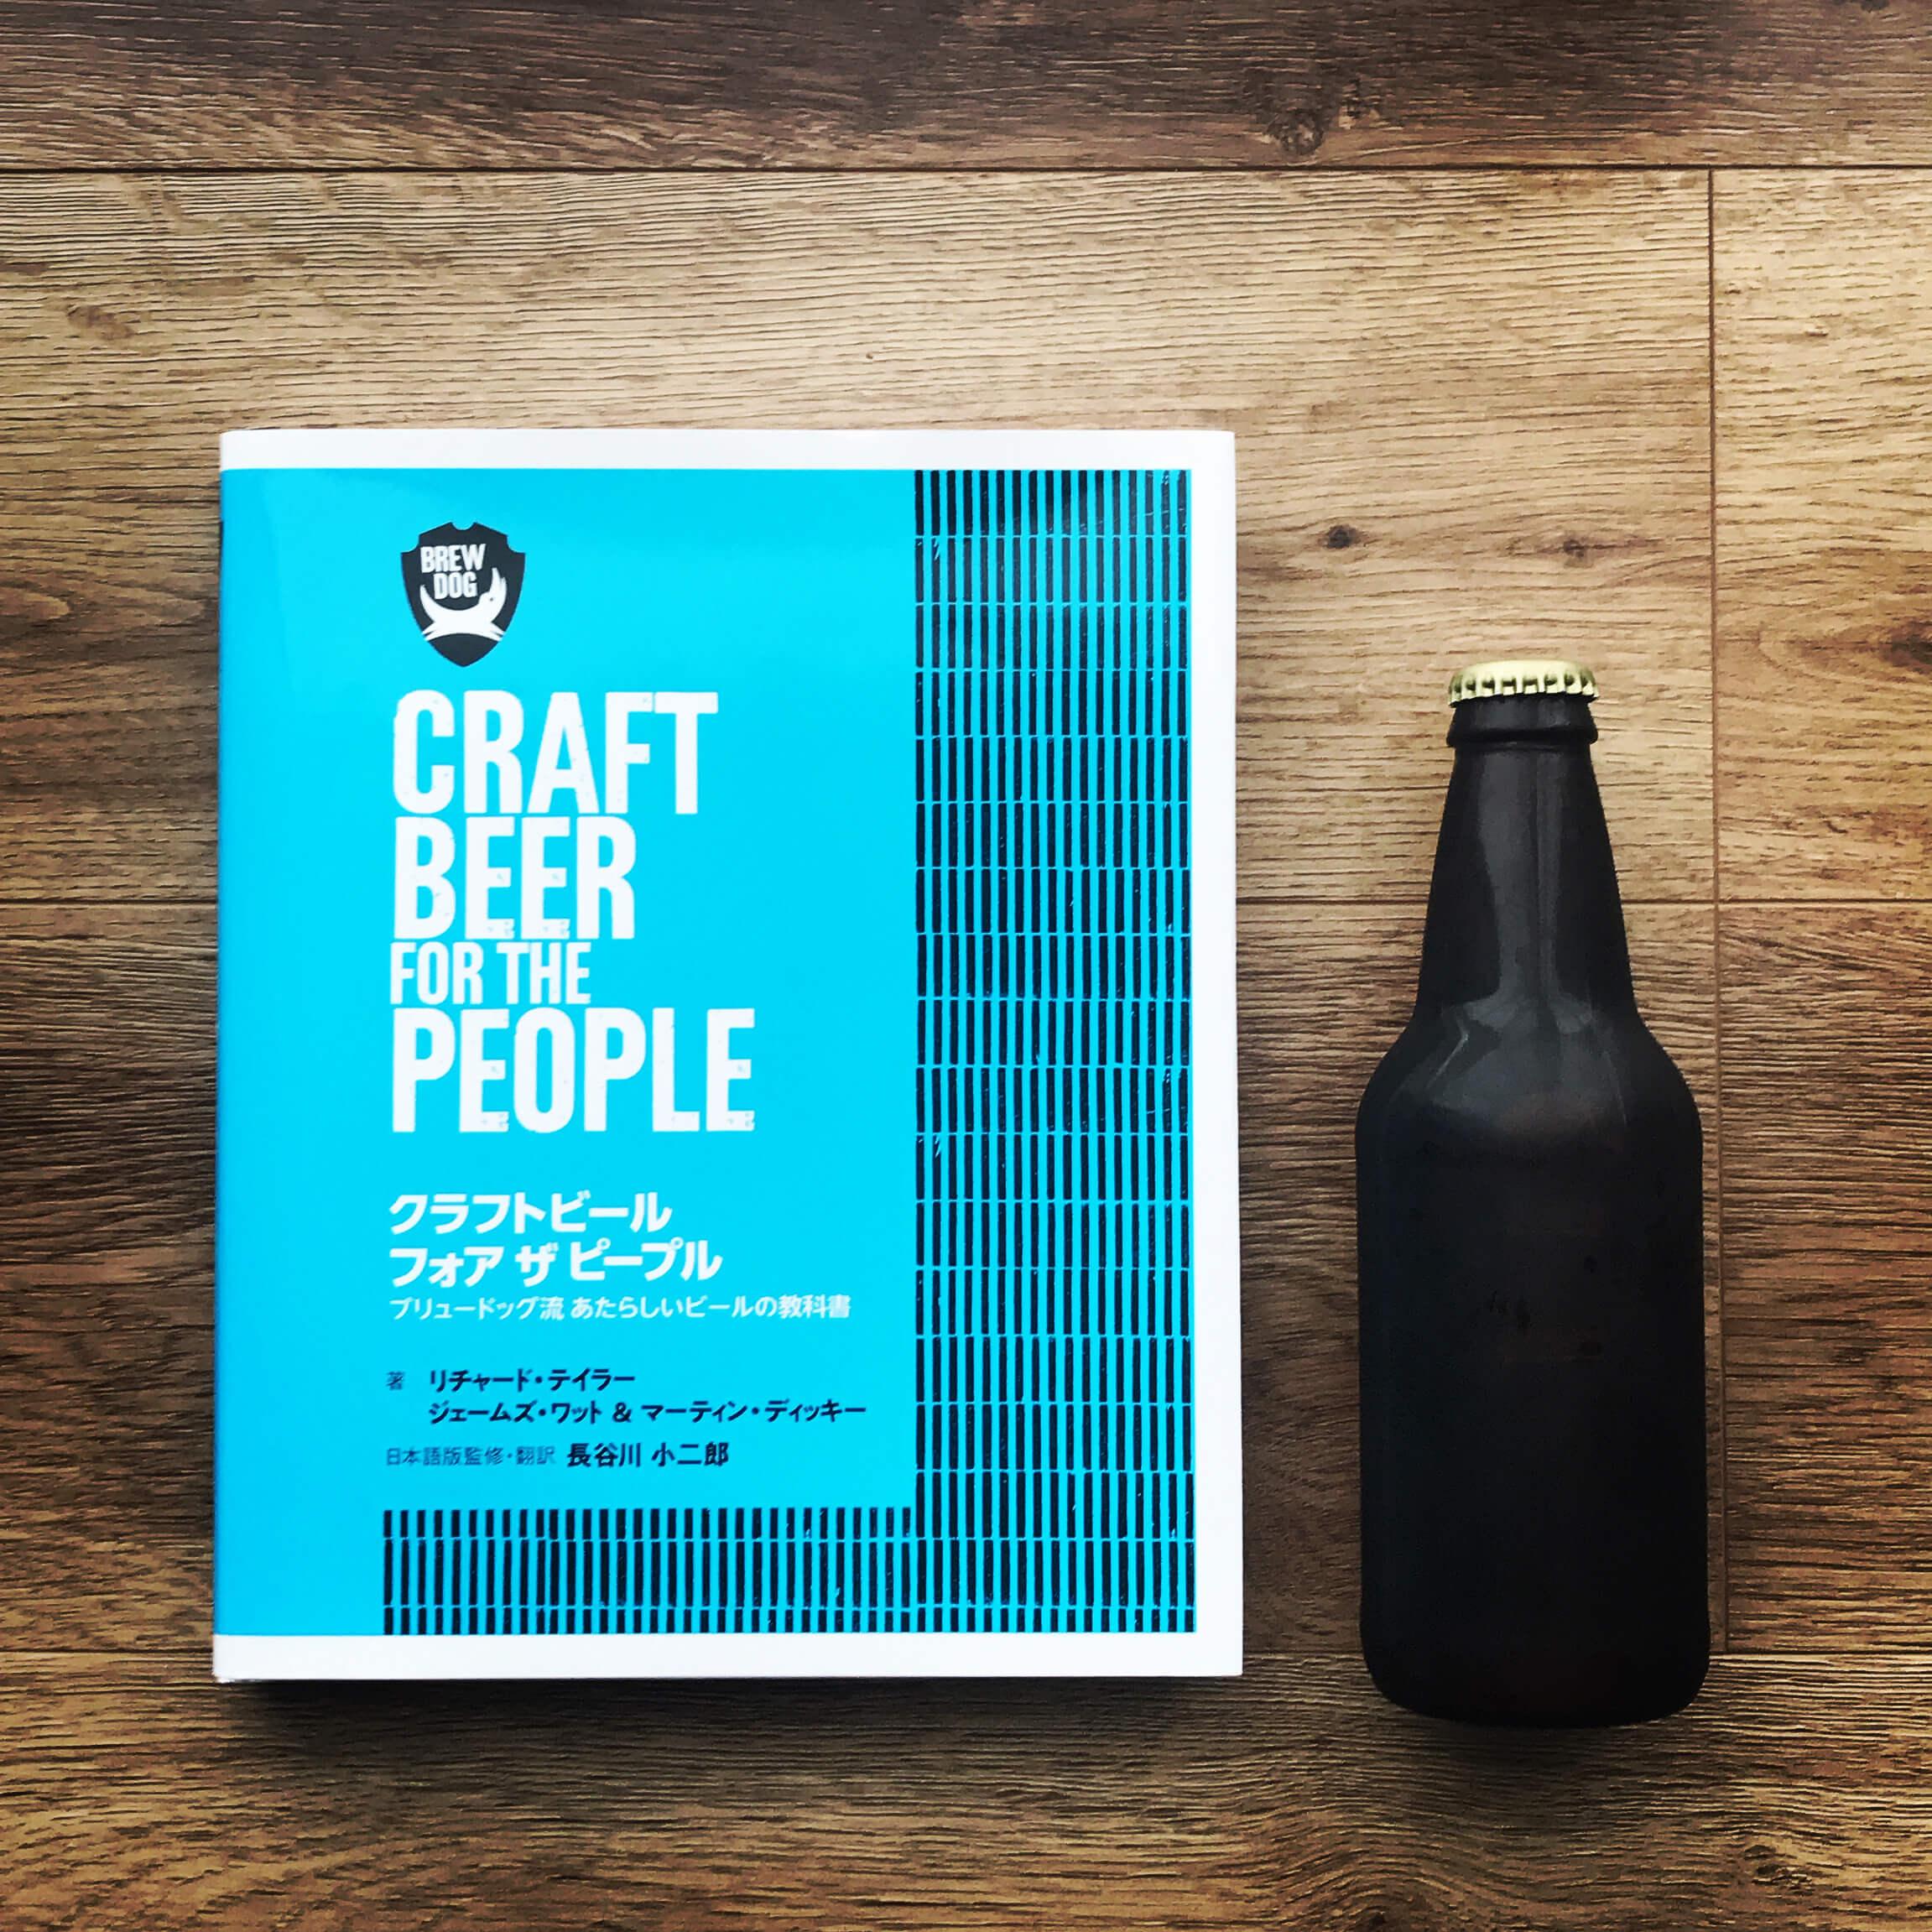 クラフトビール フォア ザ ピープルという書籍の写真